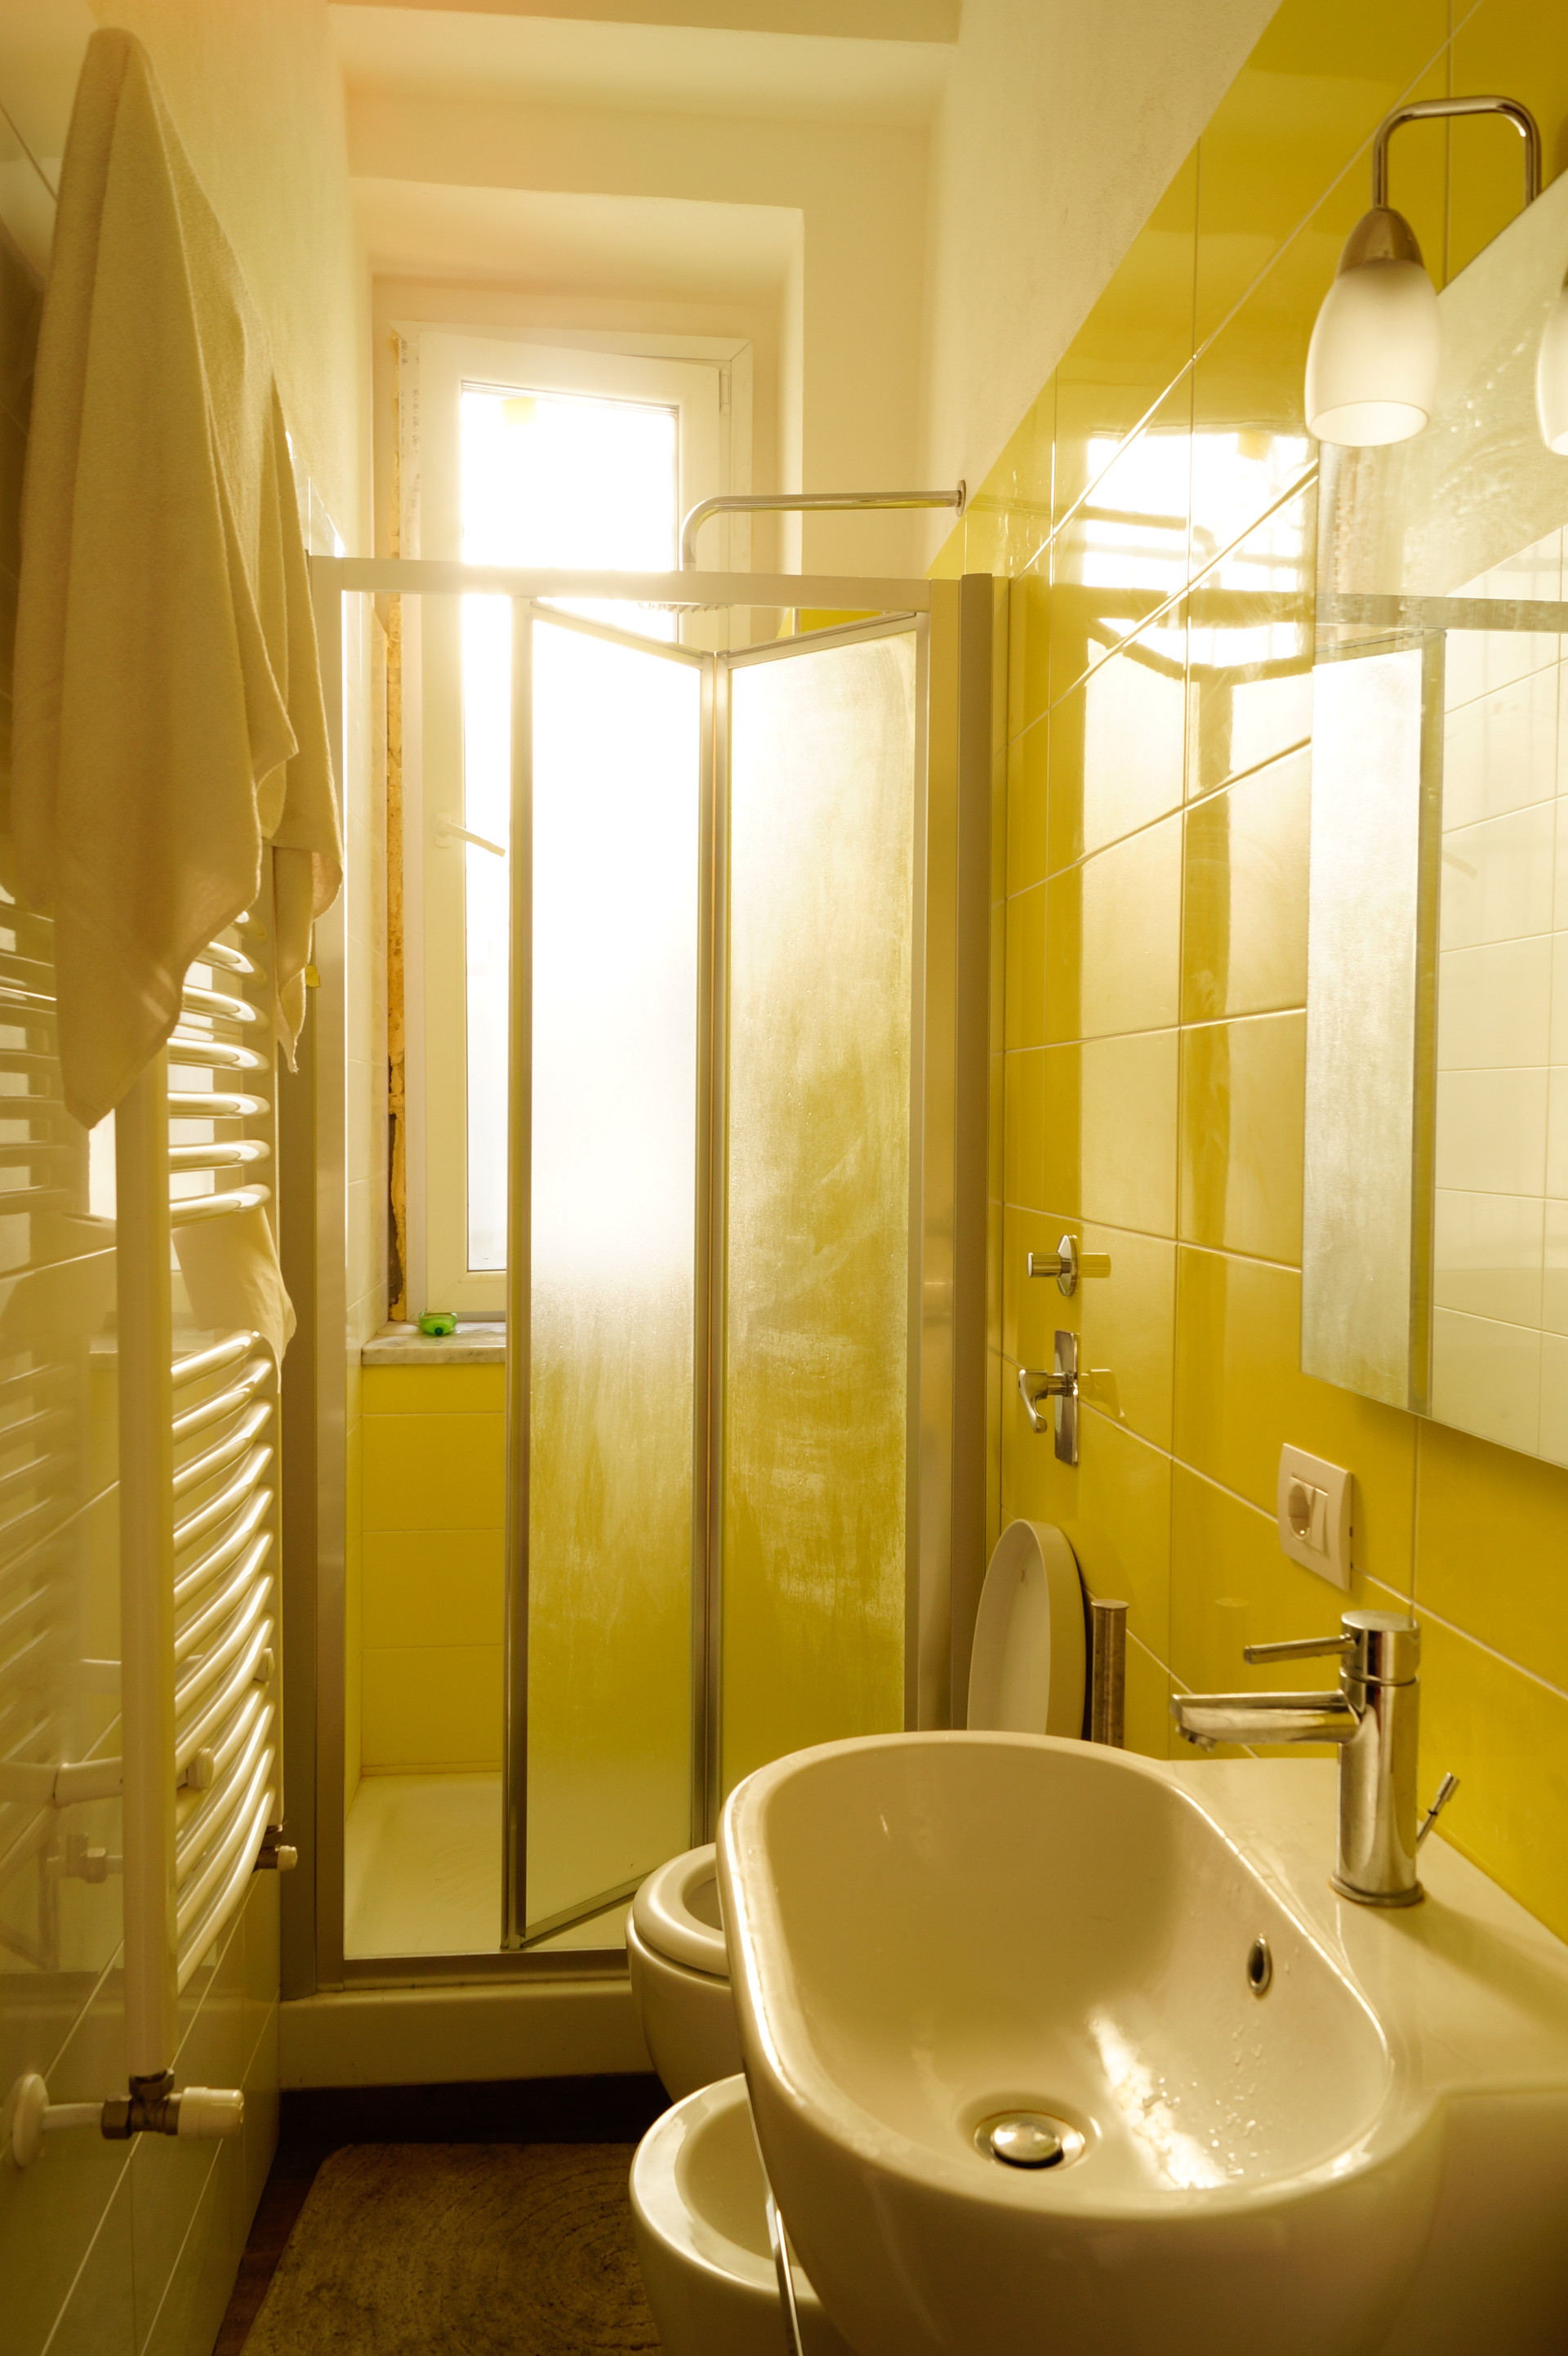 Bellissima stanza singola in appartamento colorato for Stanze singole milano